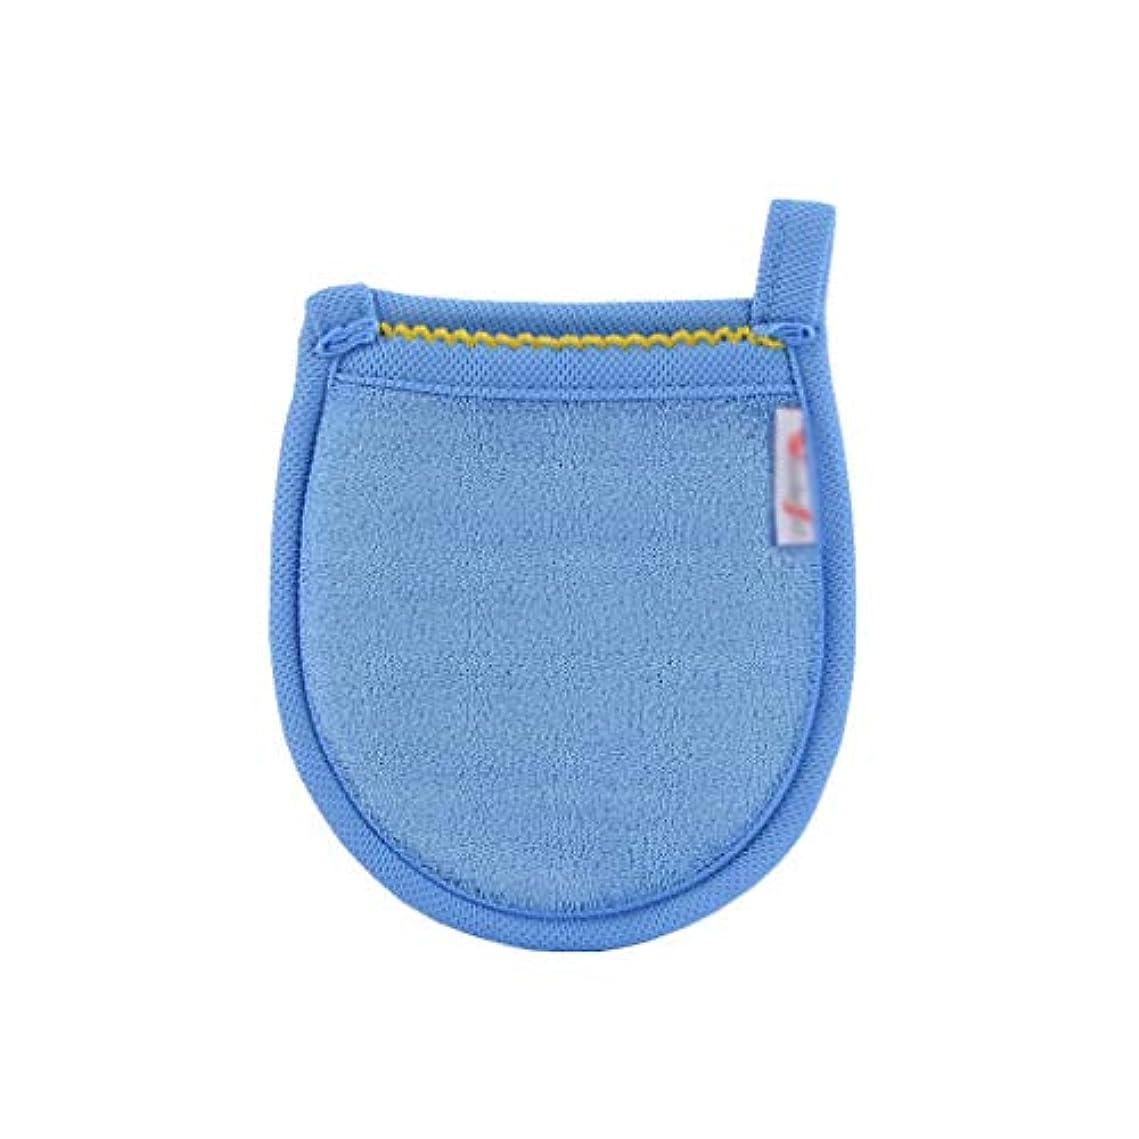 労苦鍔刺繍クレンジングシート 1ピースフェイスタオルメイクアップ - リムーバークレンジンググローブ再利用可能なマイクロファイバー女性フェイシャルクロス5色 落ち水クレンジング シート モイスト (Color : Blue)